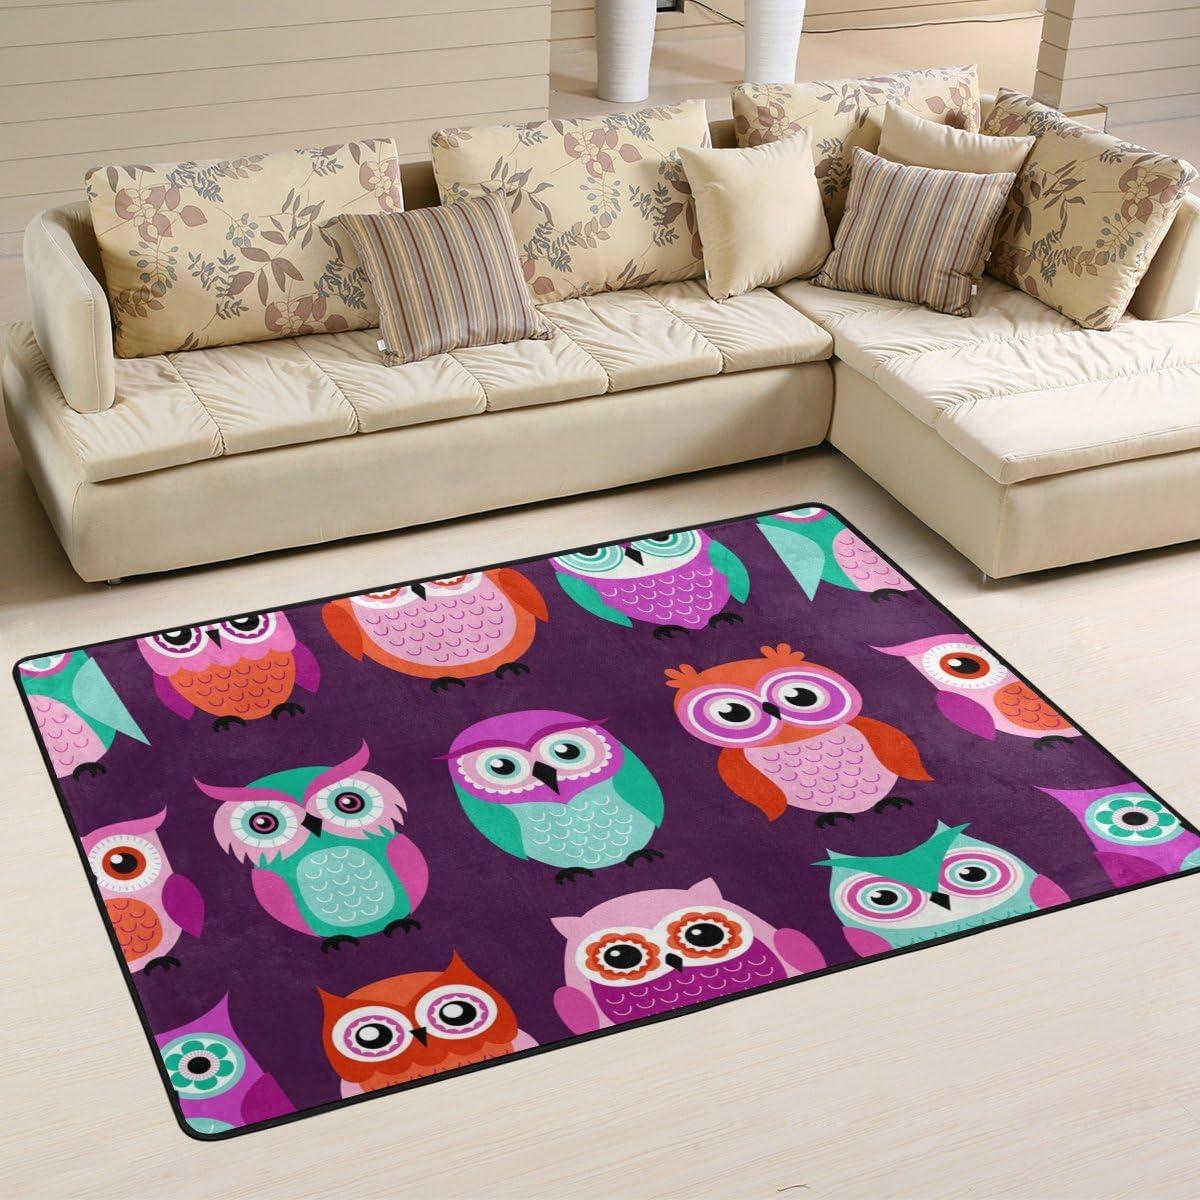 LORVIES Owls Birds Purple Pattern Area Rug Carpet Non-Slip Floor Mat Doormat